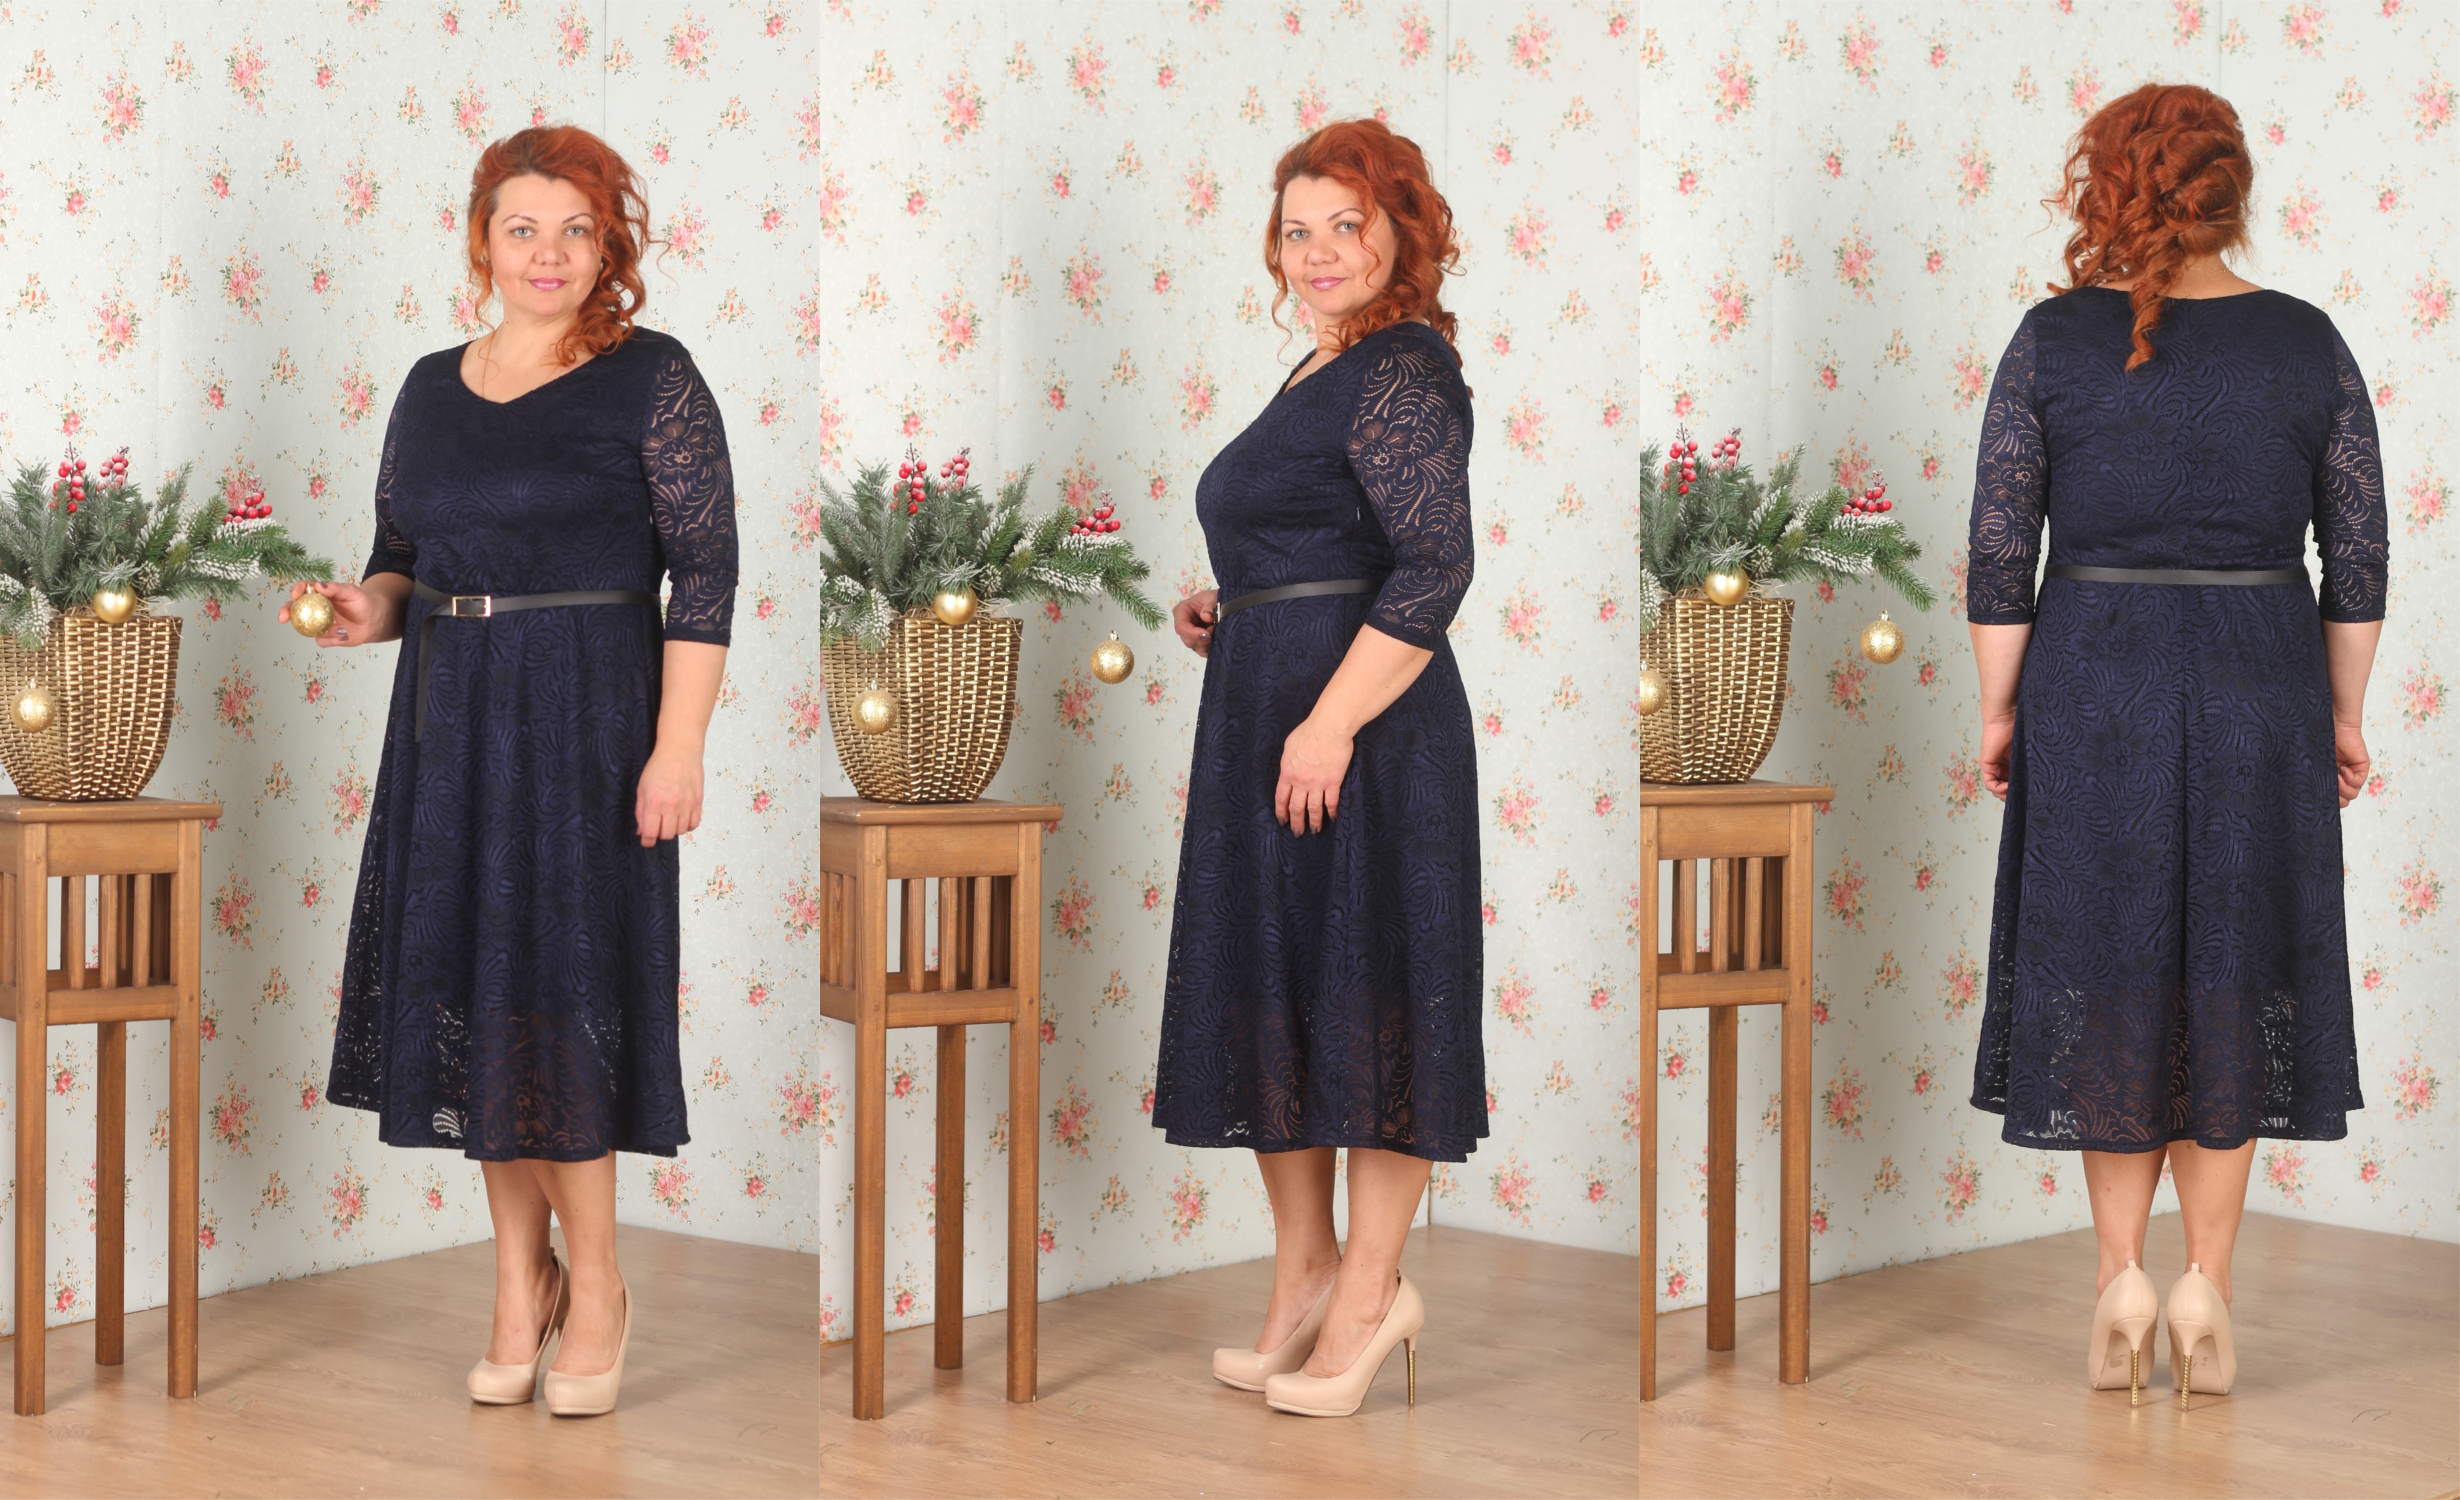 Cбор заказов. Платья, платья платья, различные модели на любую фигуру, Размеры 42-60, очень интересная и яркая новогодняя коллекция, платья из кружева, атласа, барахата и много всего интересного-25